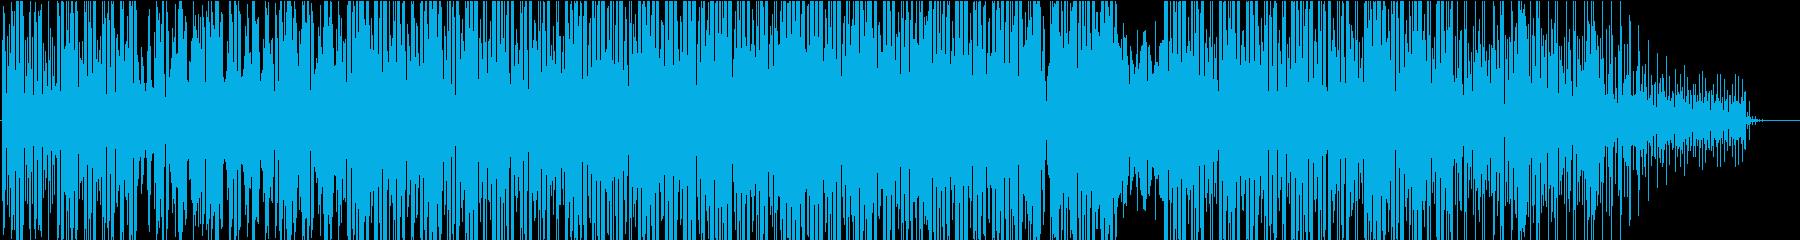 ザラザラした雰囲気の機械的ミュージックの再生済みの波形